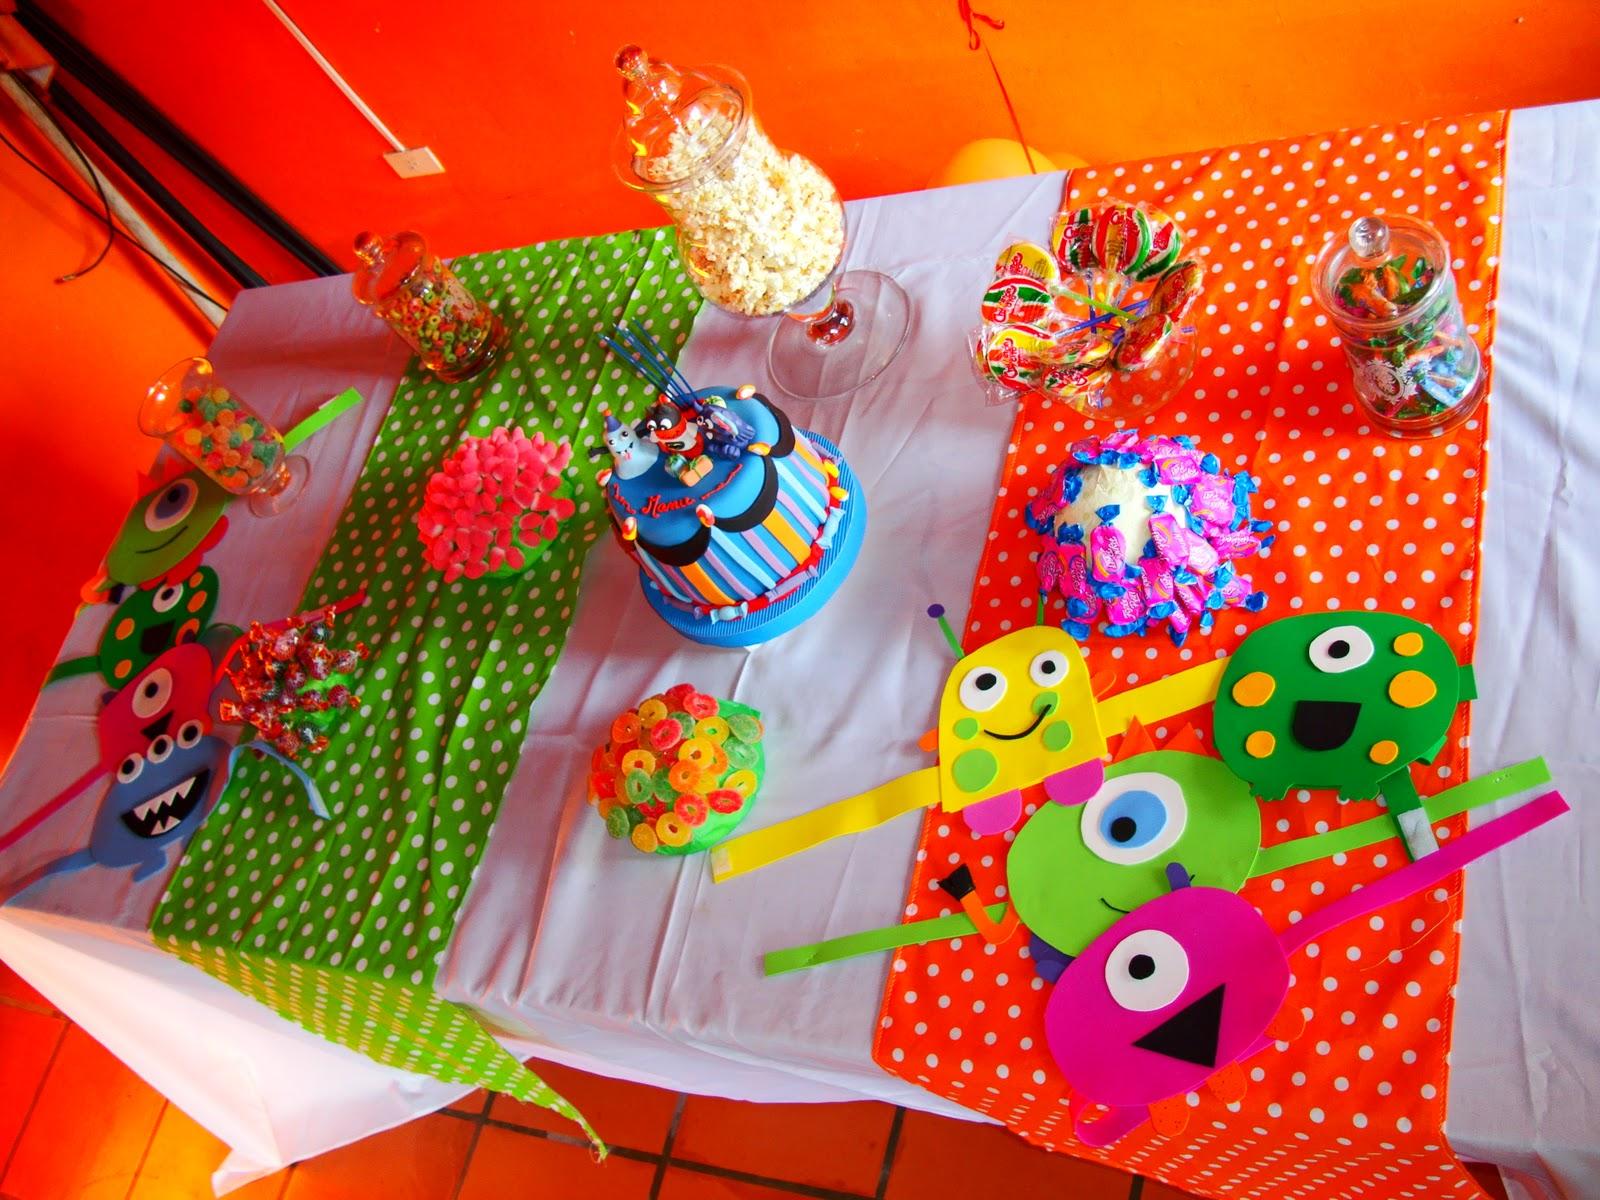 Mesa decorada con distintas golosinas y las vinchas divertidas de